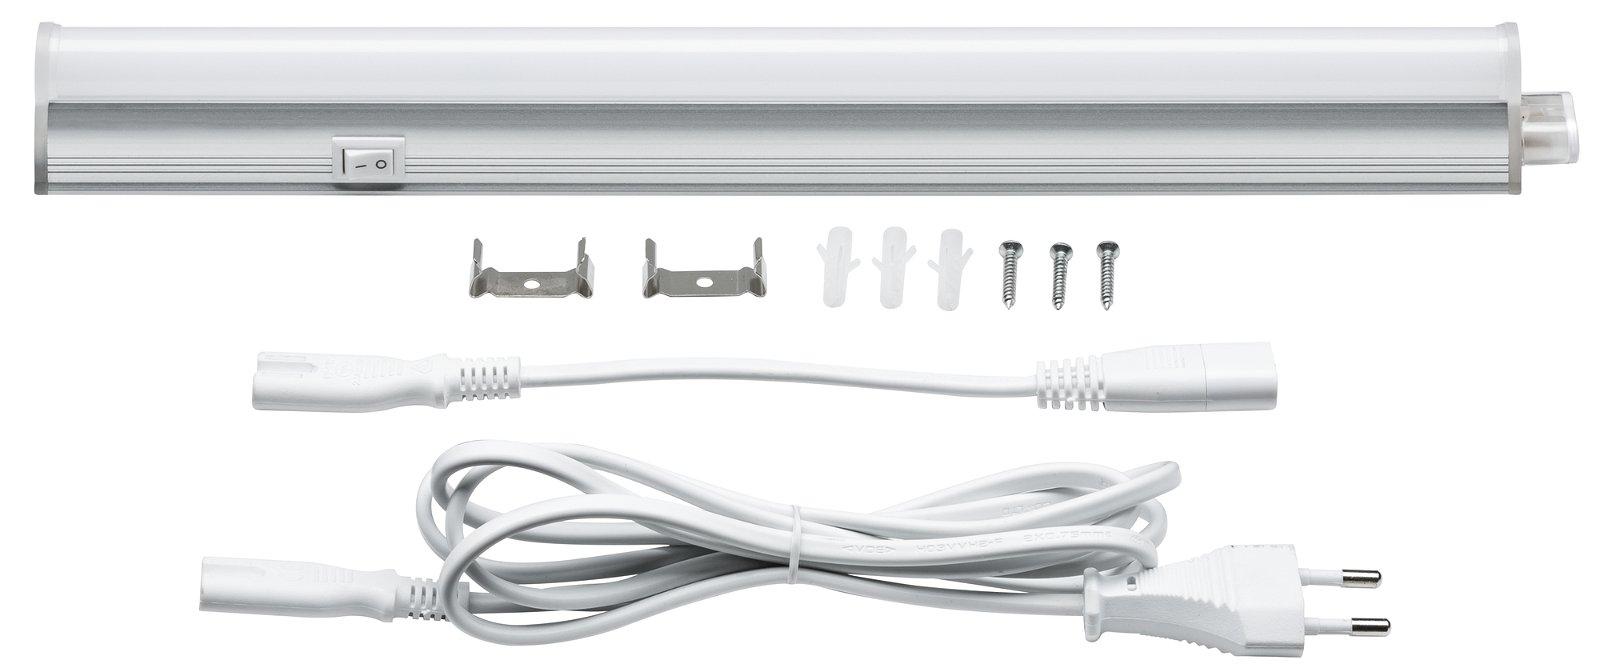 LED Unterschrankleuchte Bond inkl. Schalter 318x25mm 370lm 230V 4000K Satin